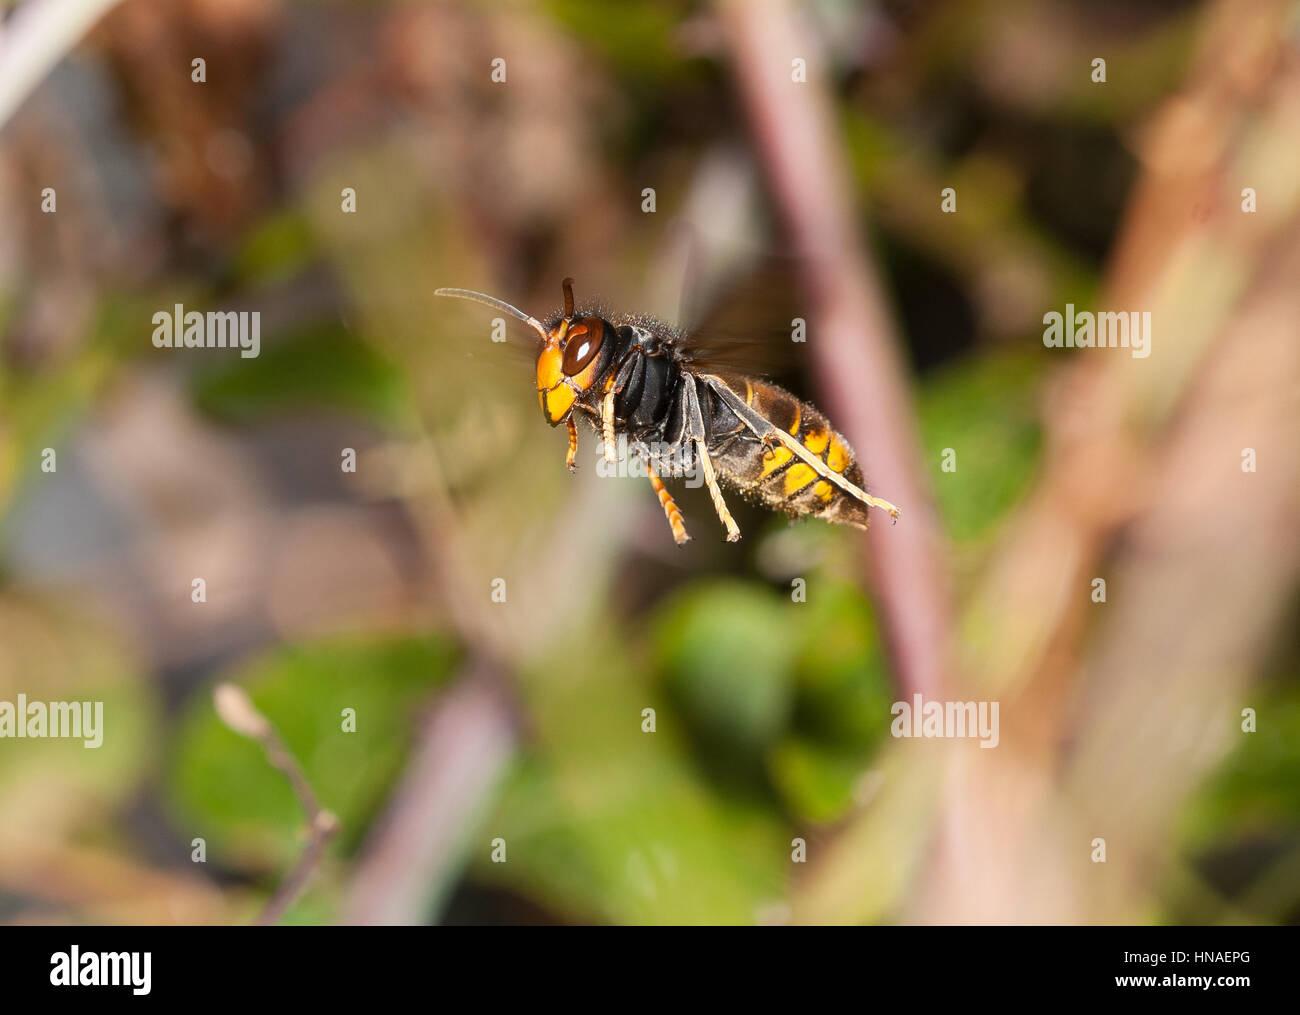 Vespa velutina est colonizando mi zona (Norte de l'Espagne)rápidamente. Caza abejas muy eficazmente. Se Photo Stock